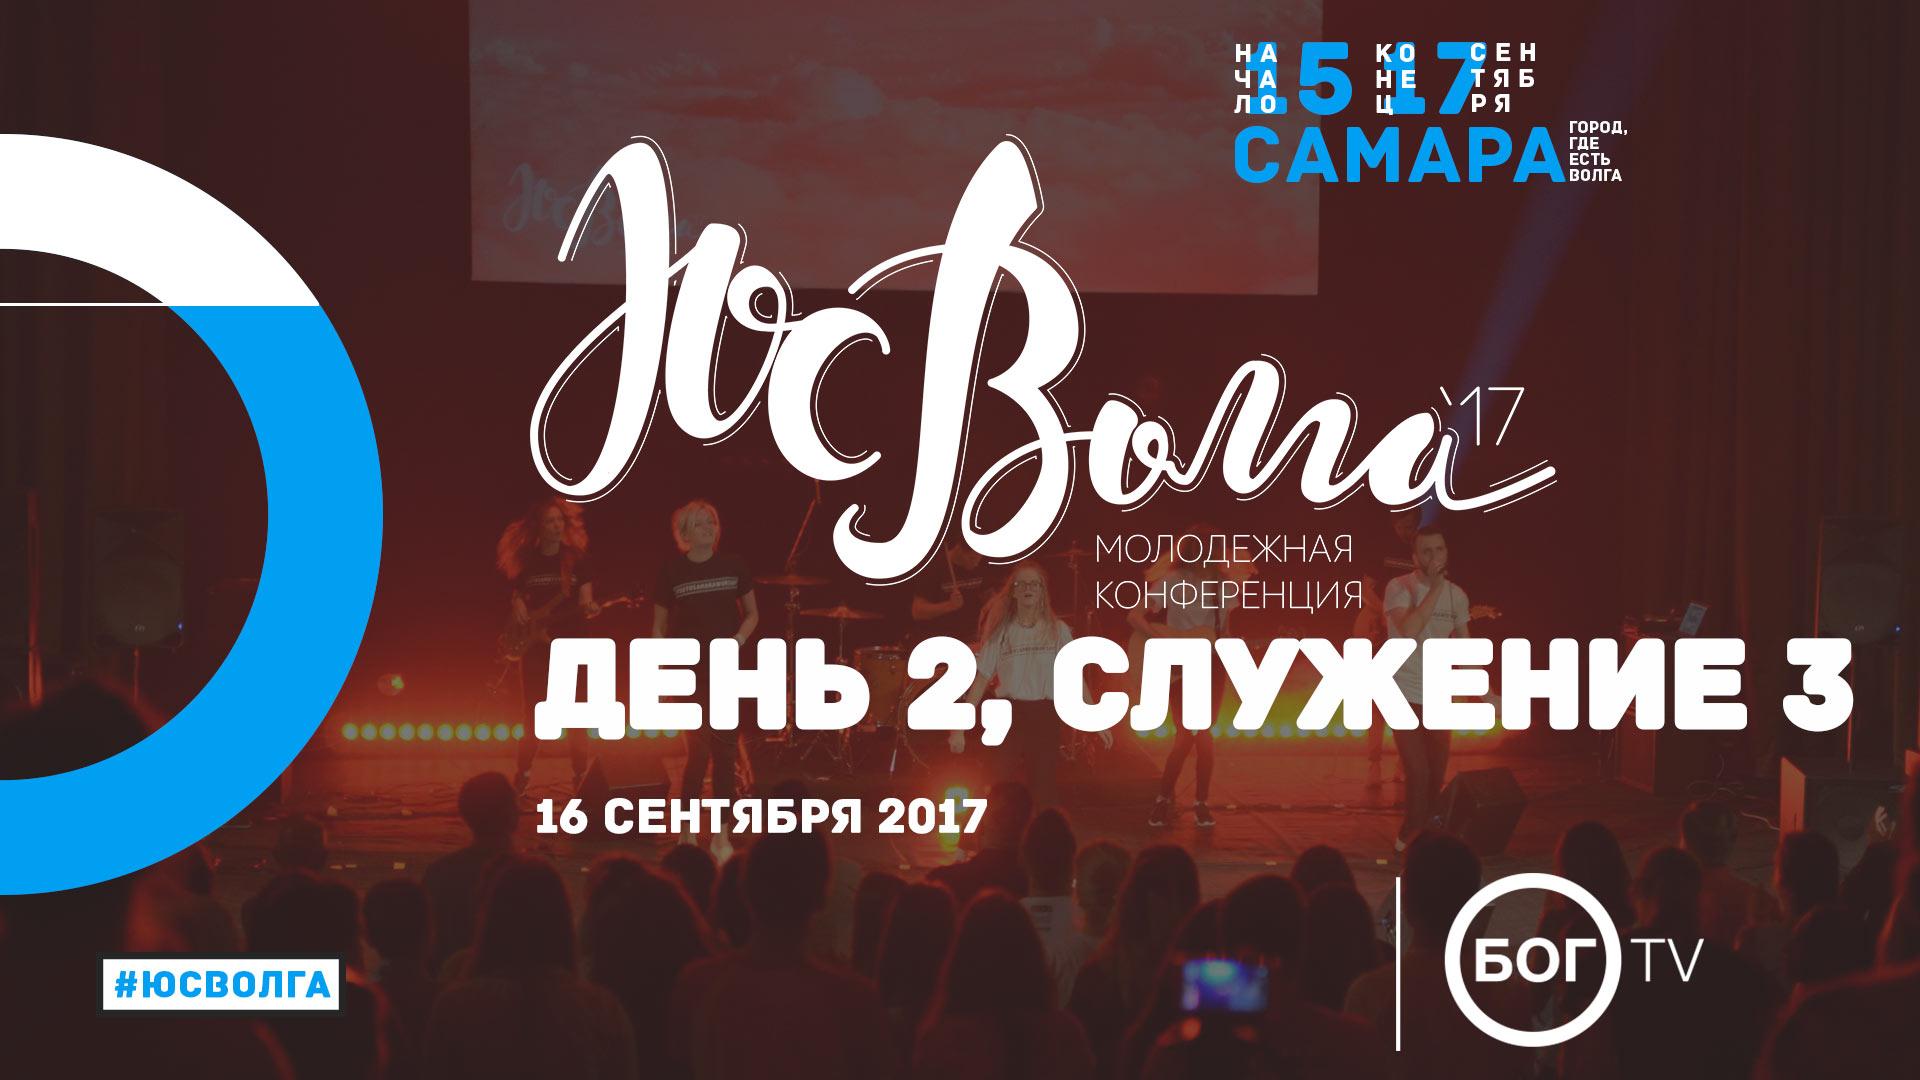 Молодежная конференция #ЮСВОЛГА 2017 - День 2, Служение 3 (16.09.17)